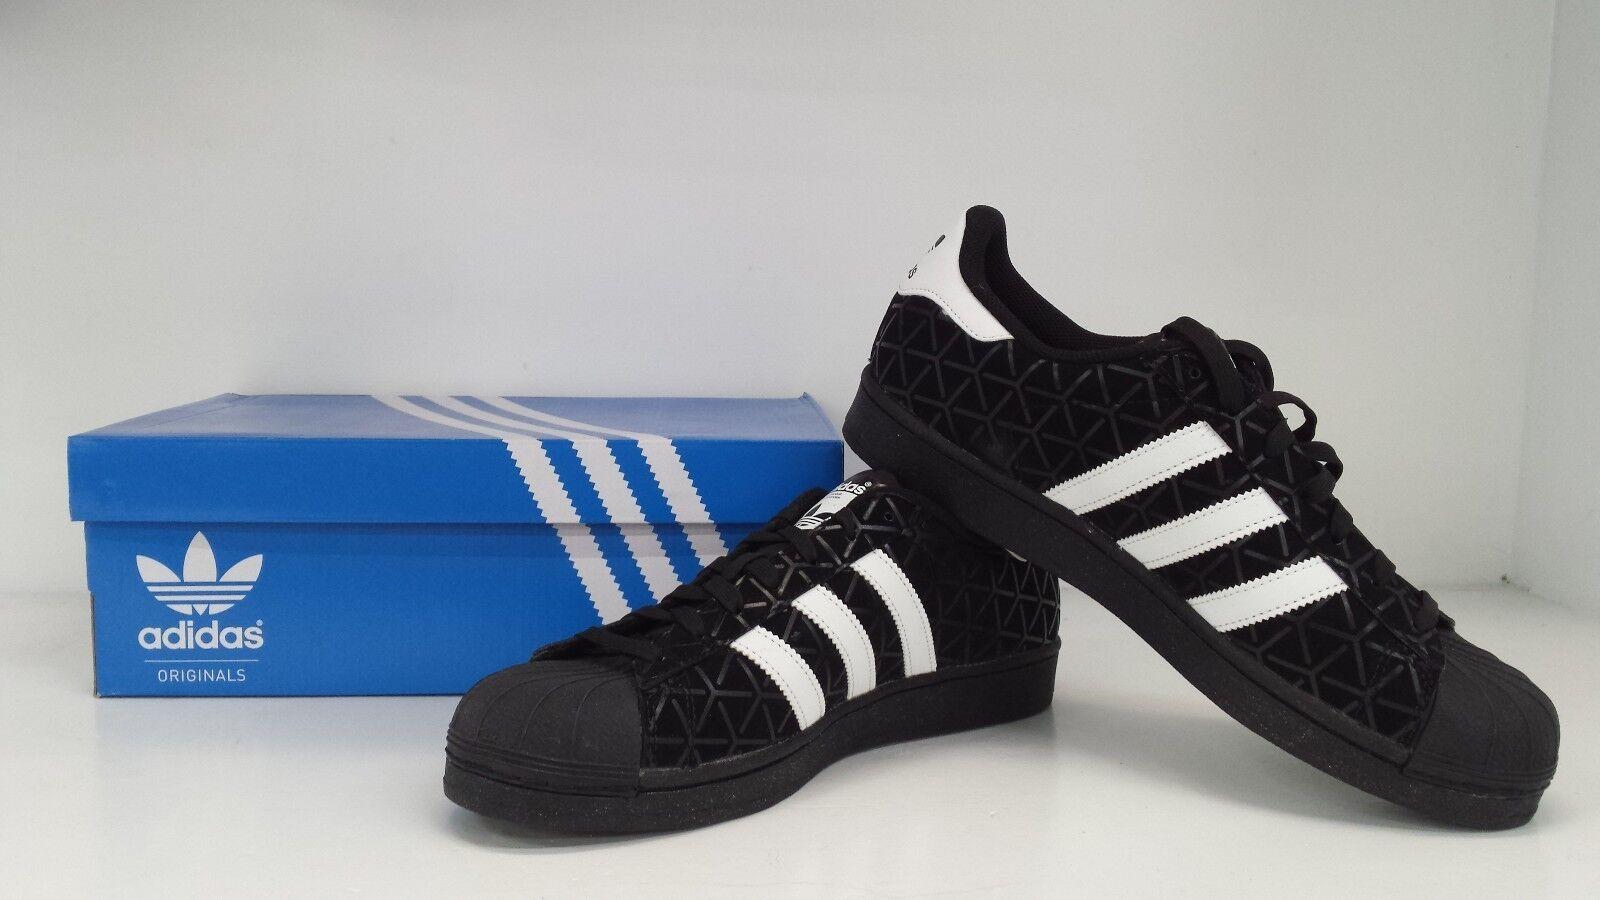 Adidas Originals Scarpe Superstar Cp Uomini phnuaNbacE